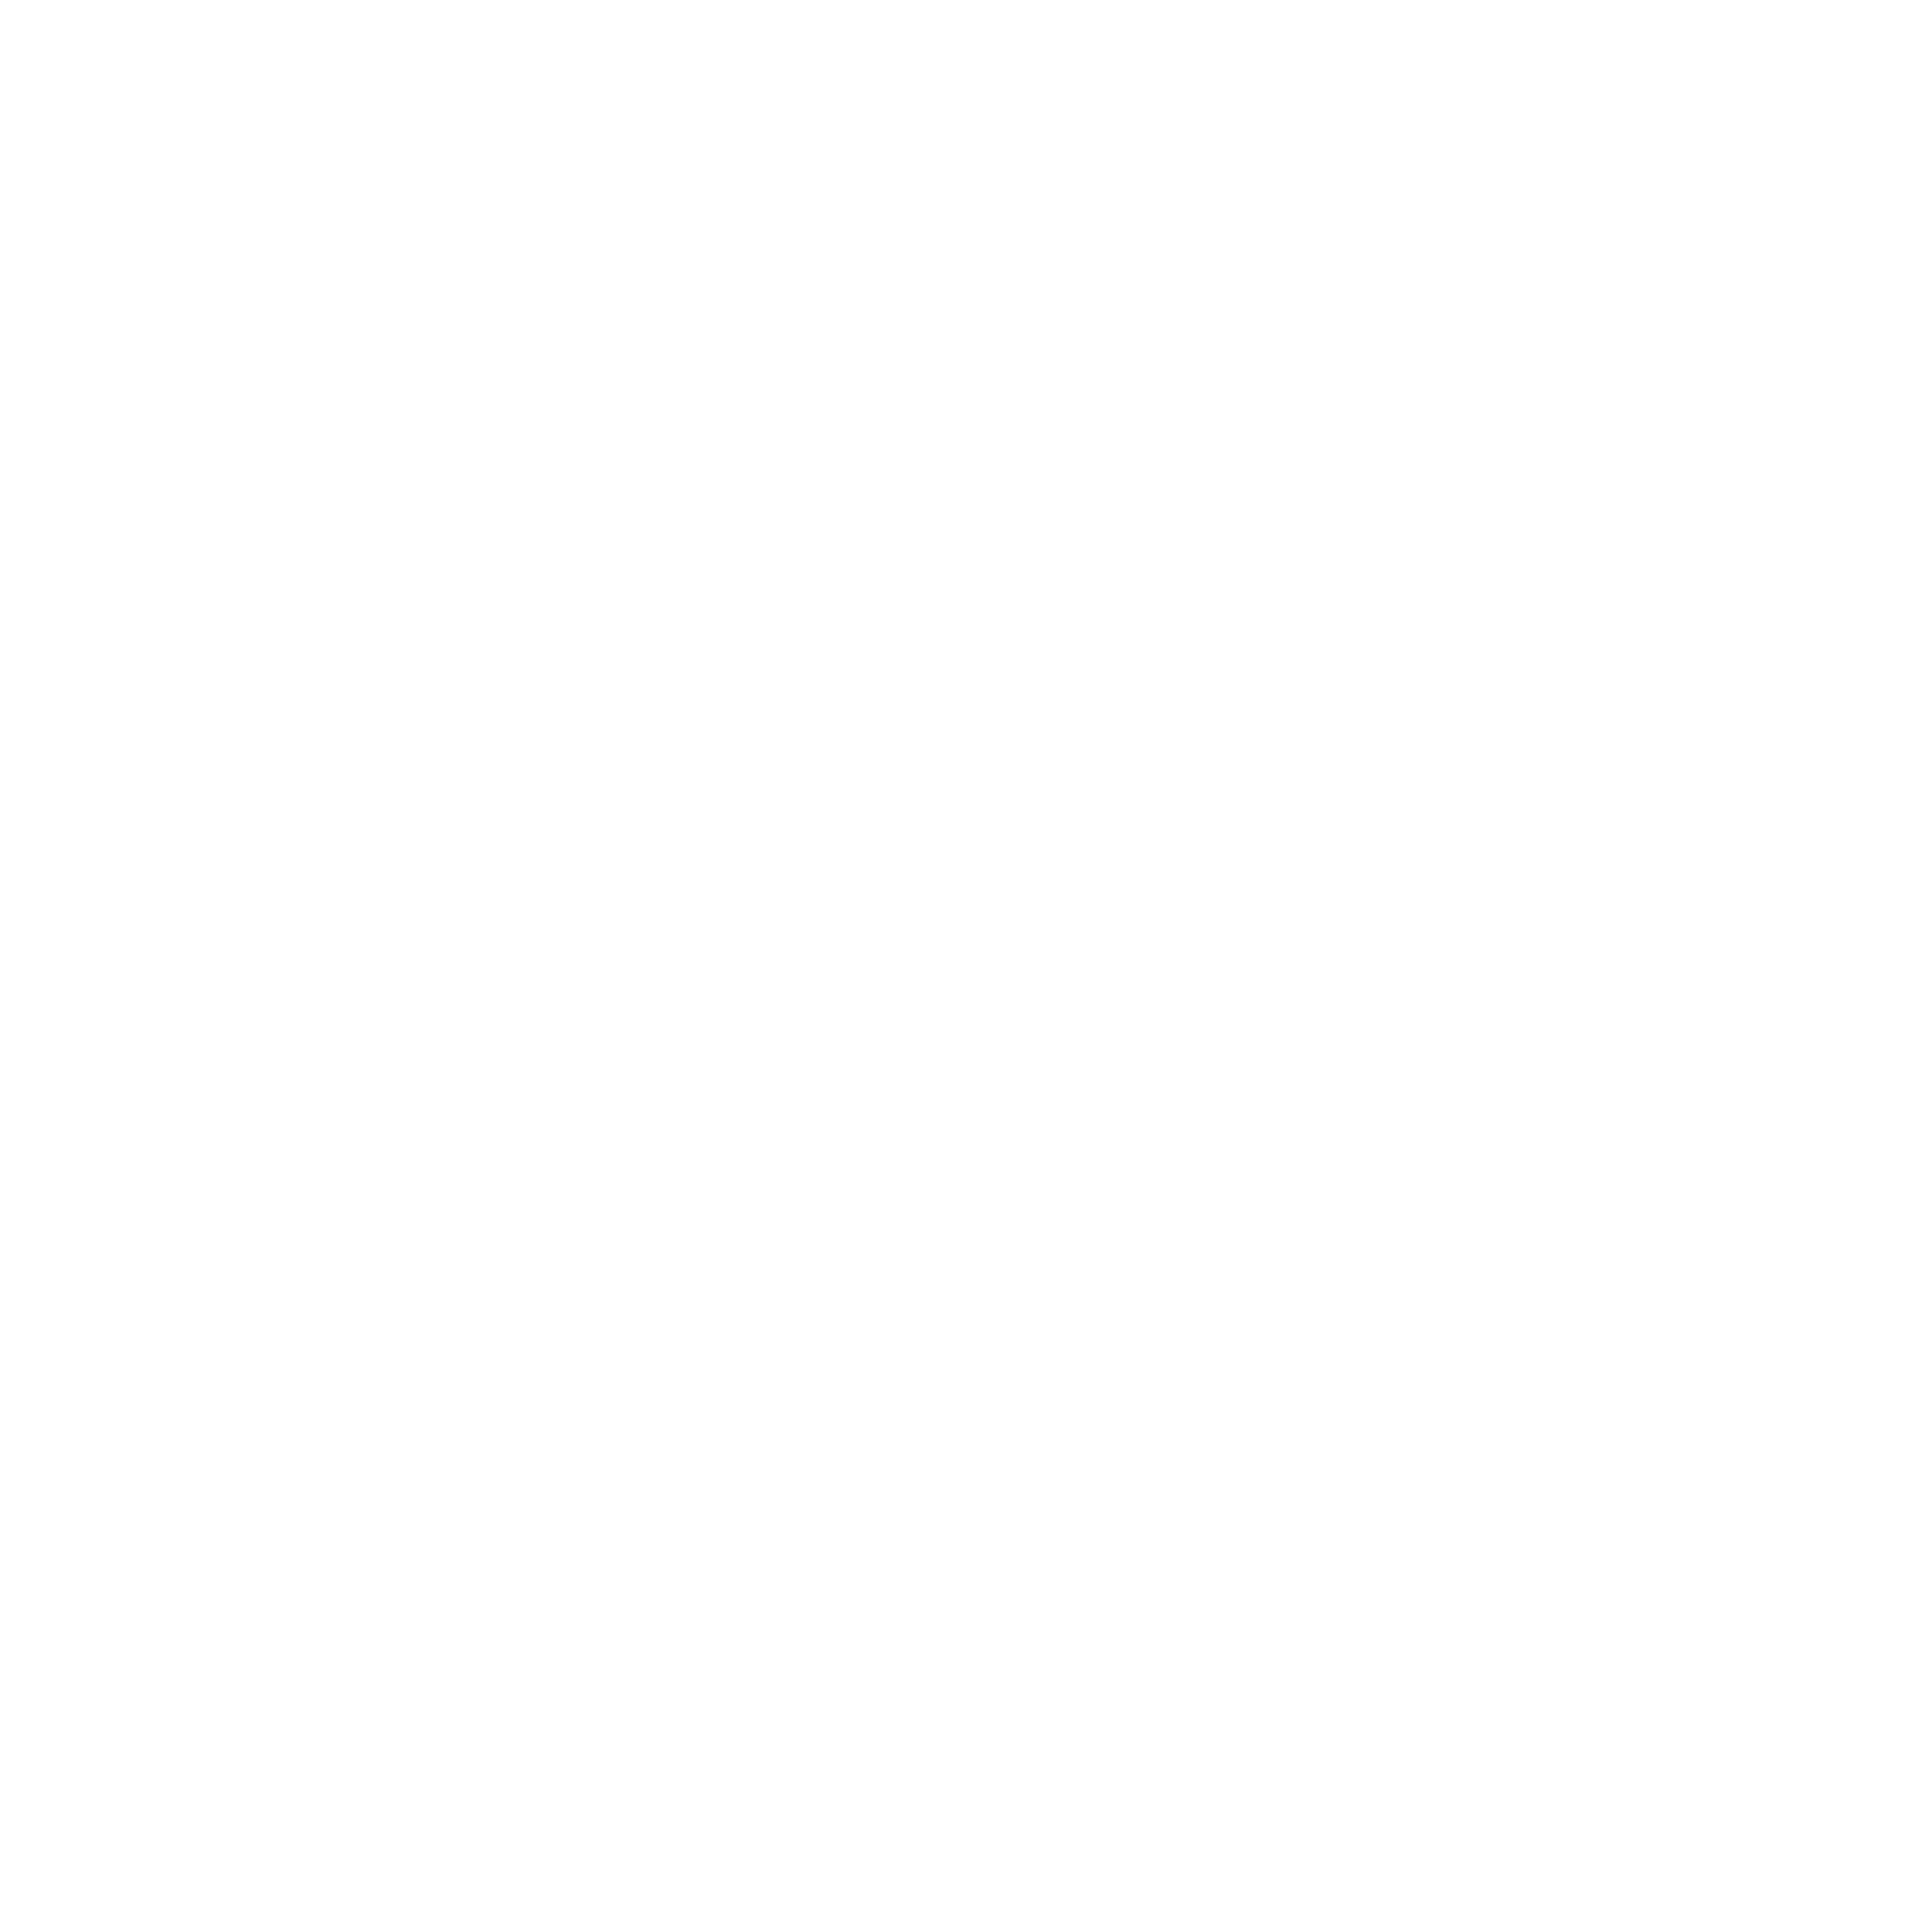 Reebok Logo Png.